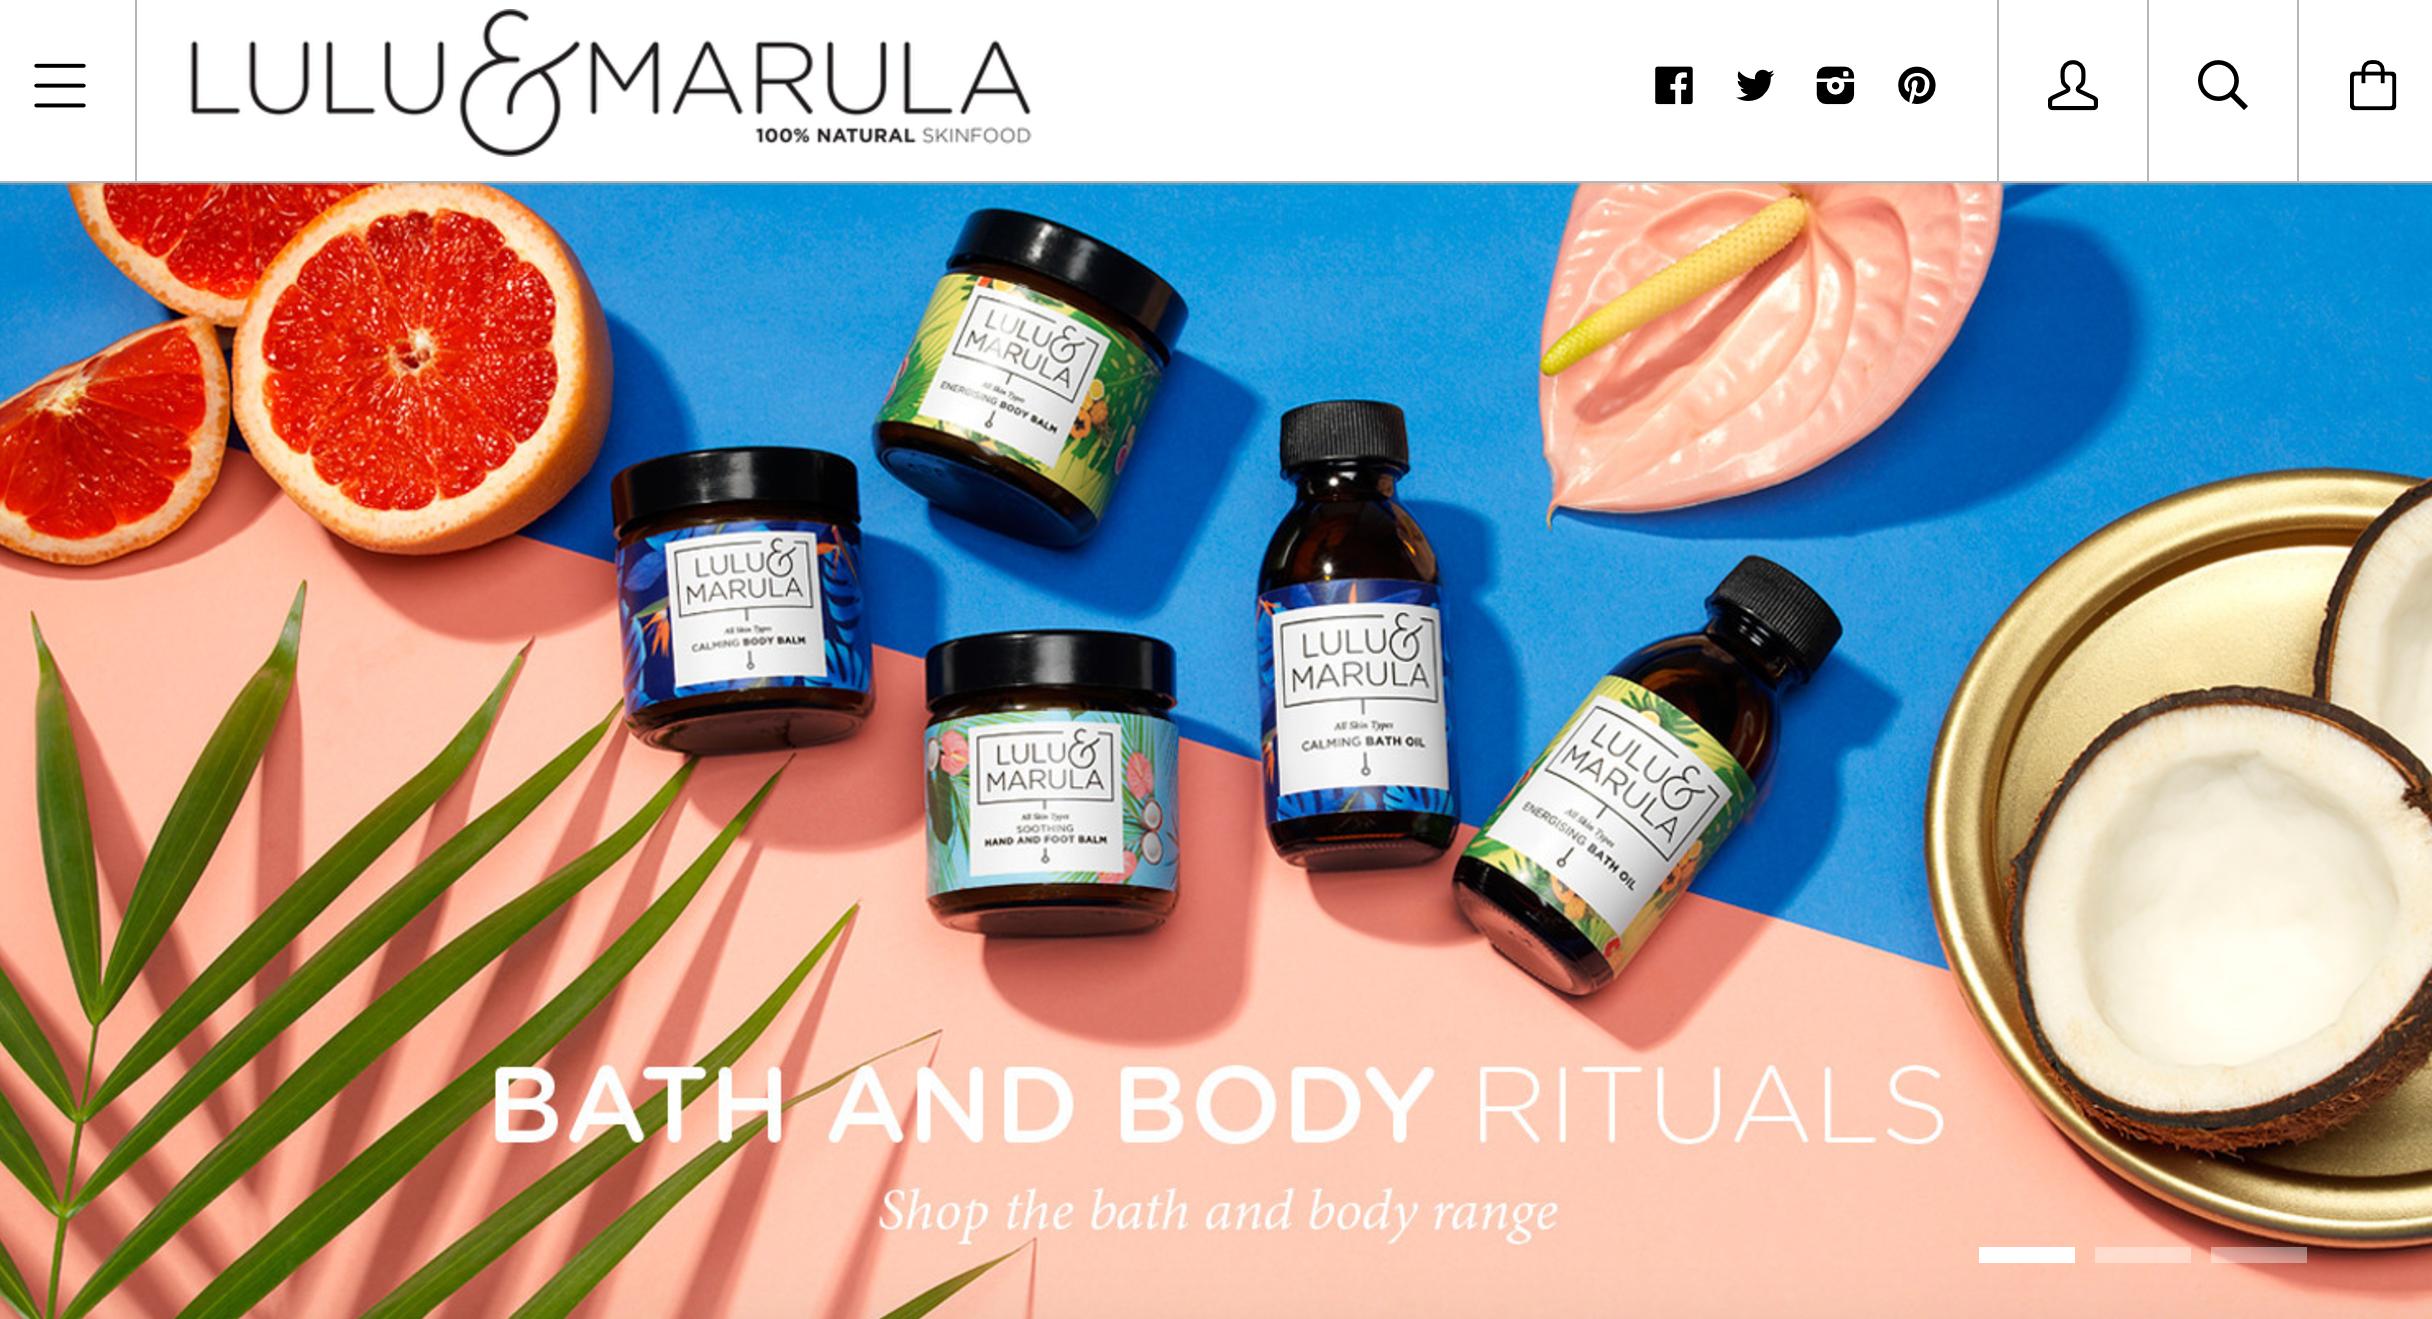 Lulu & Marula natural skincare products